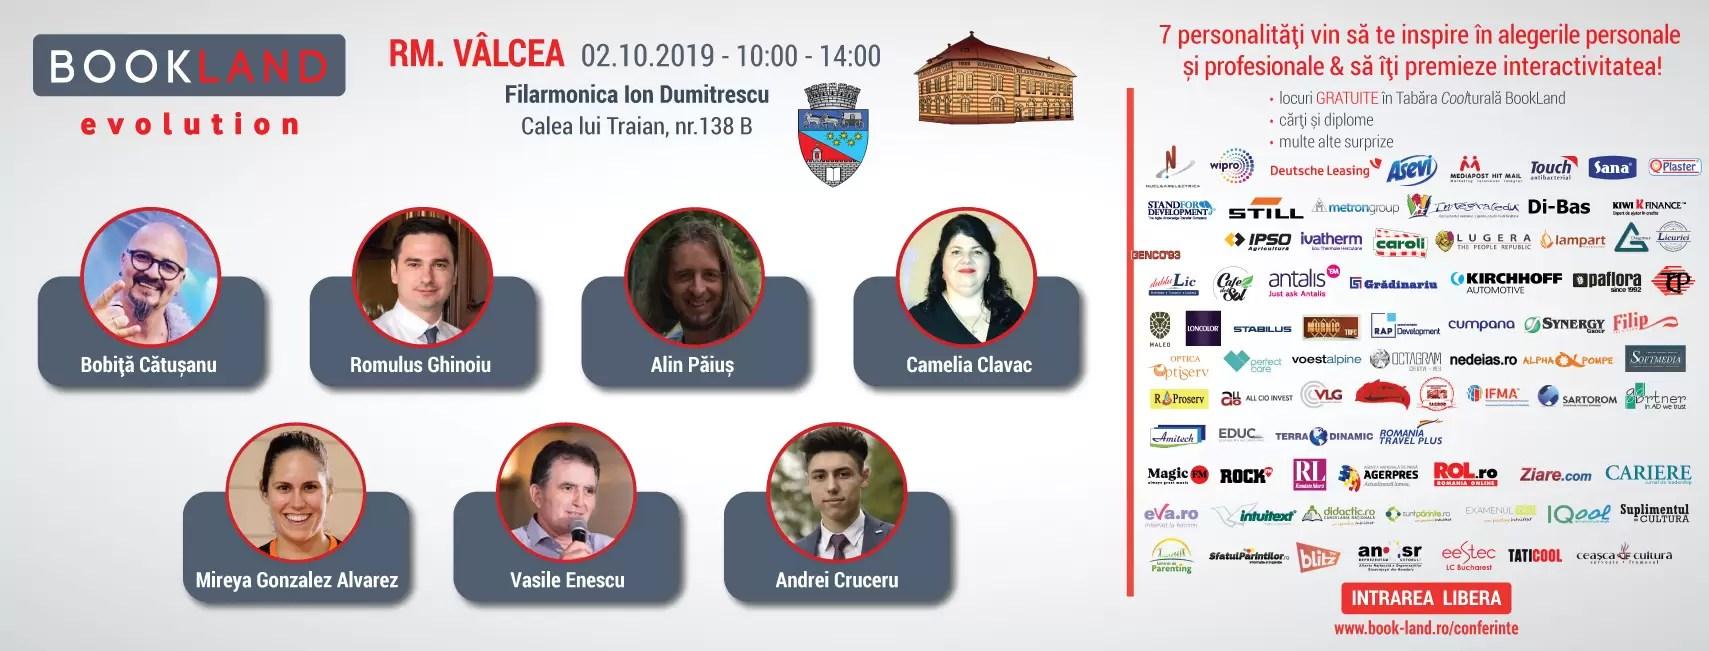 Conferinţele dedicate dezvoltării personale prin lectură au revenit la Râmnicu Vâlcea